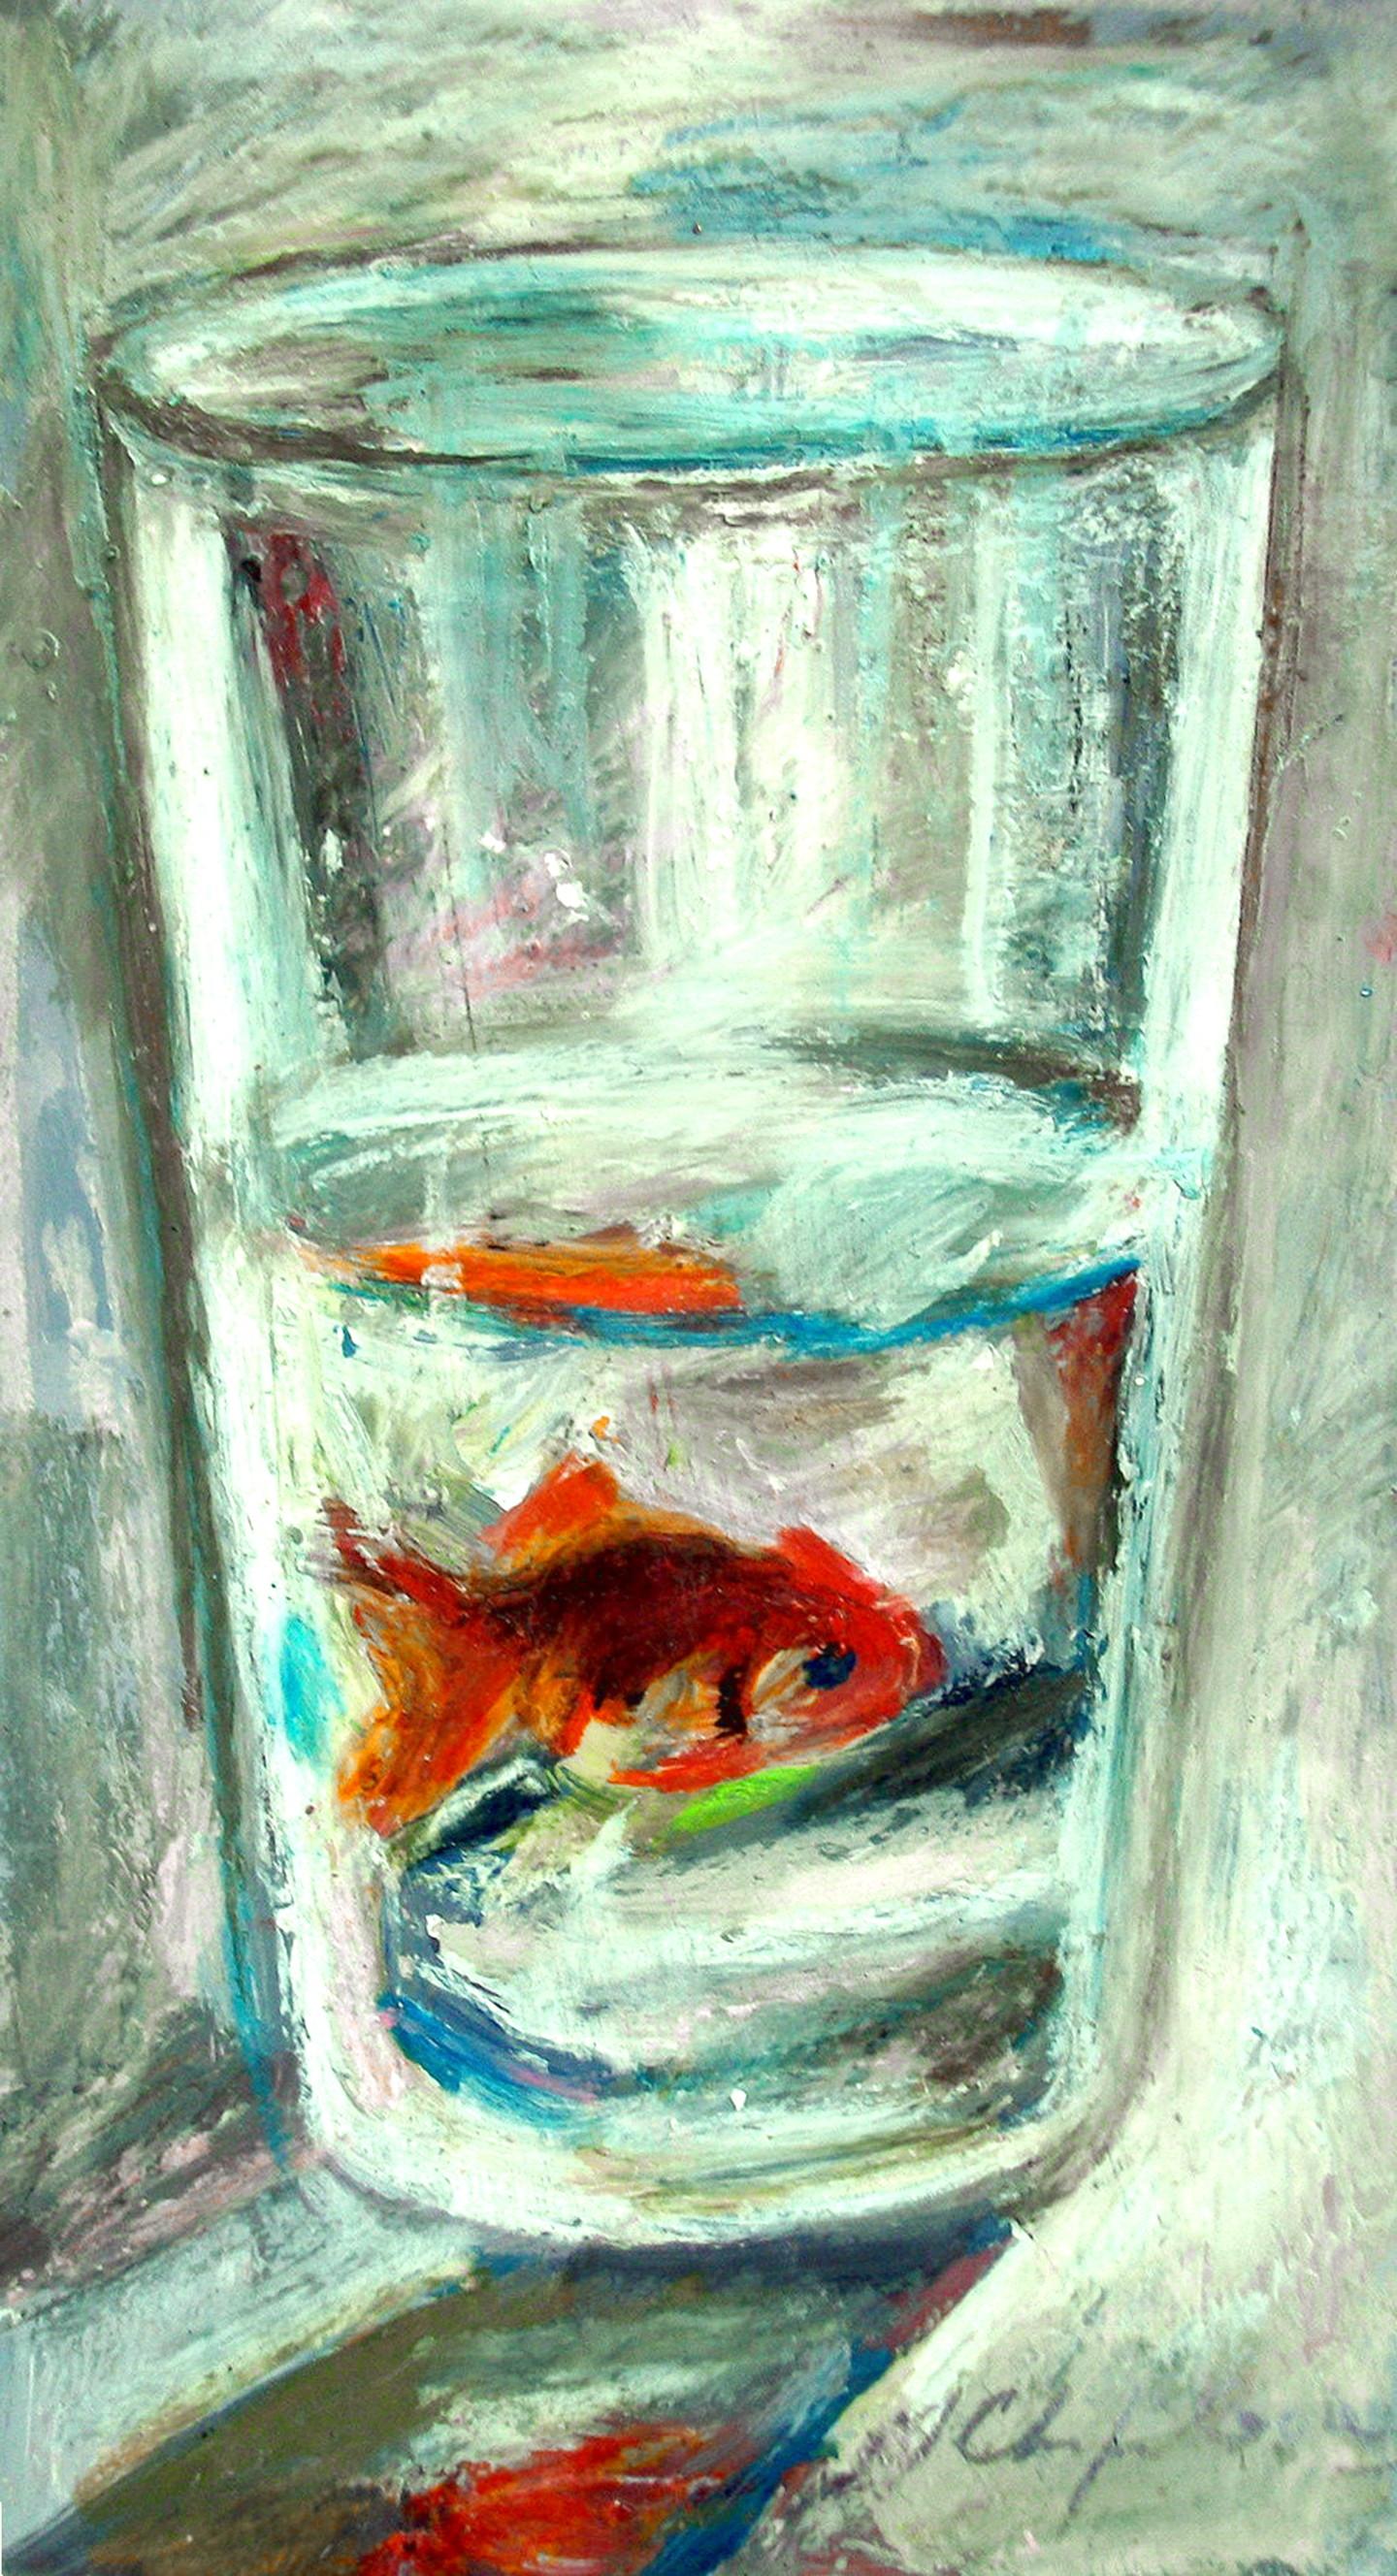 Nath Chipilova (Atelier NN art store) - Verre d'eau, poisson rouge